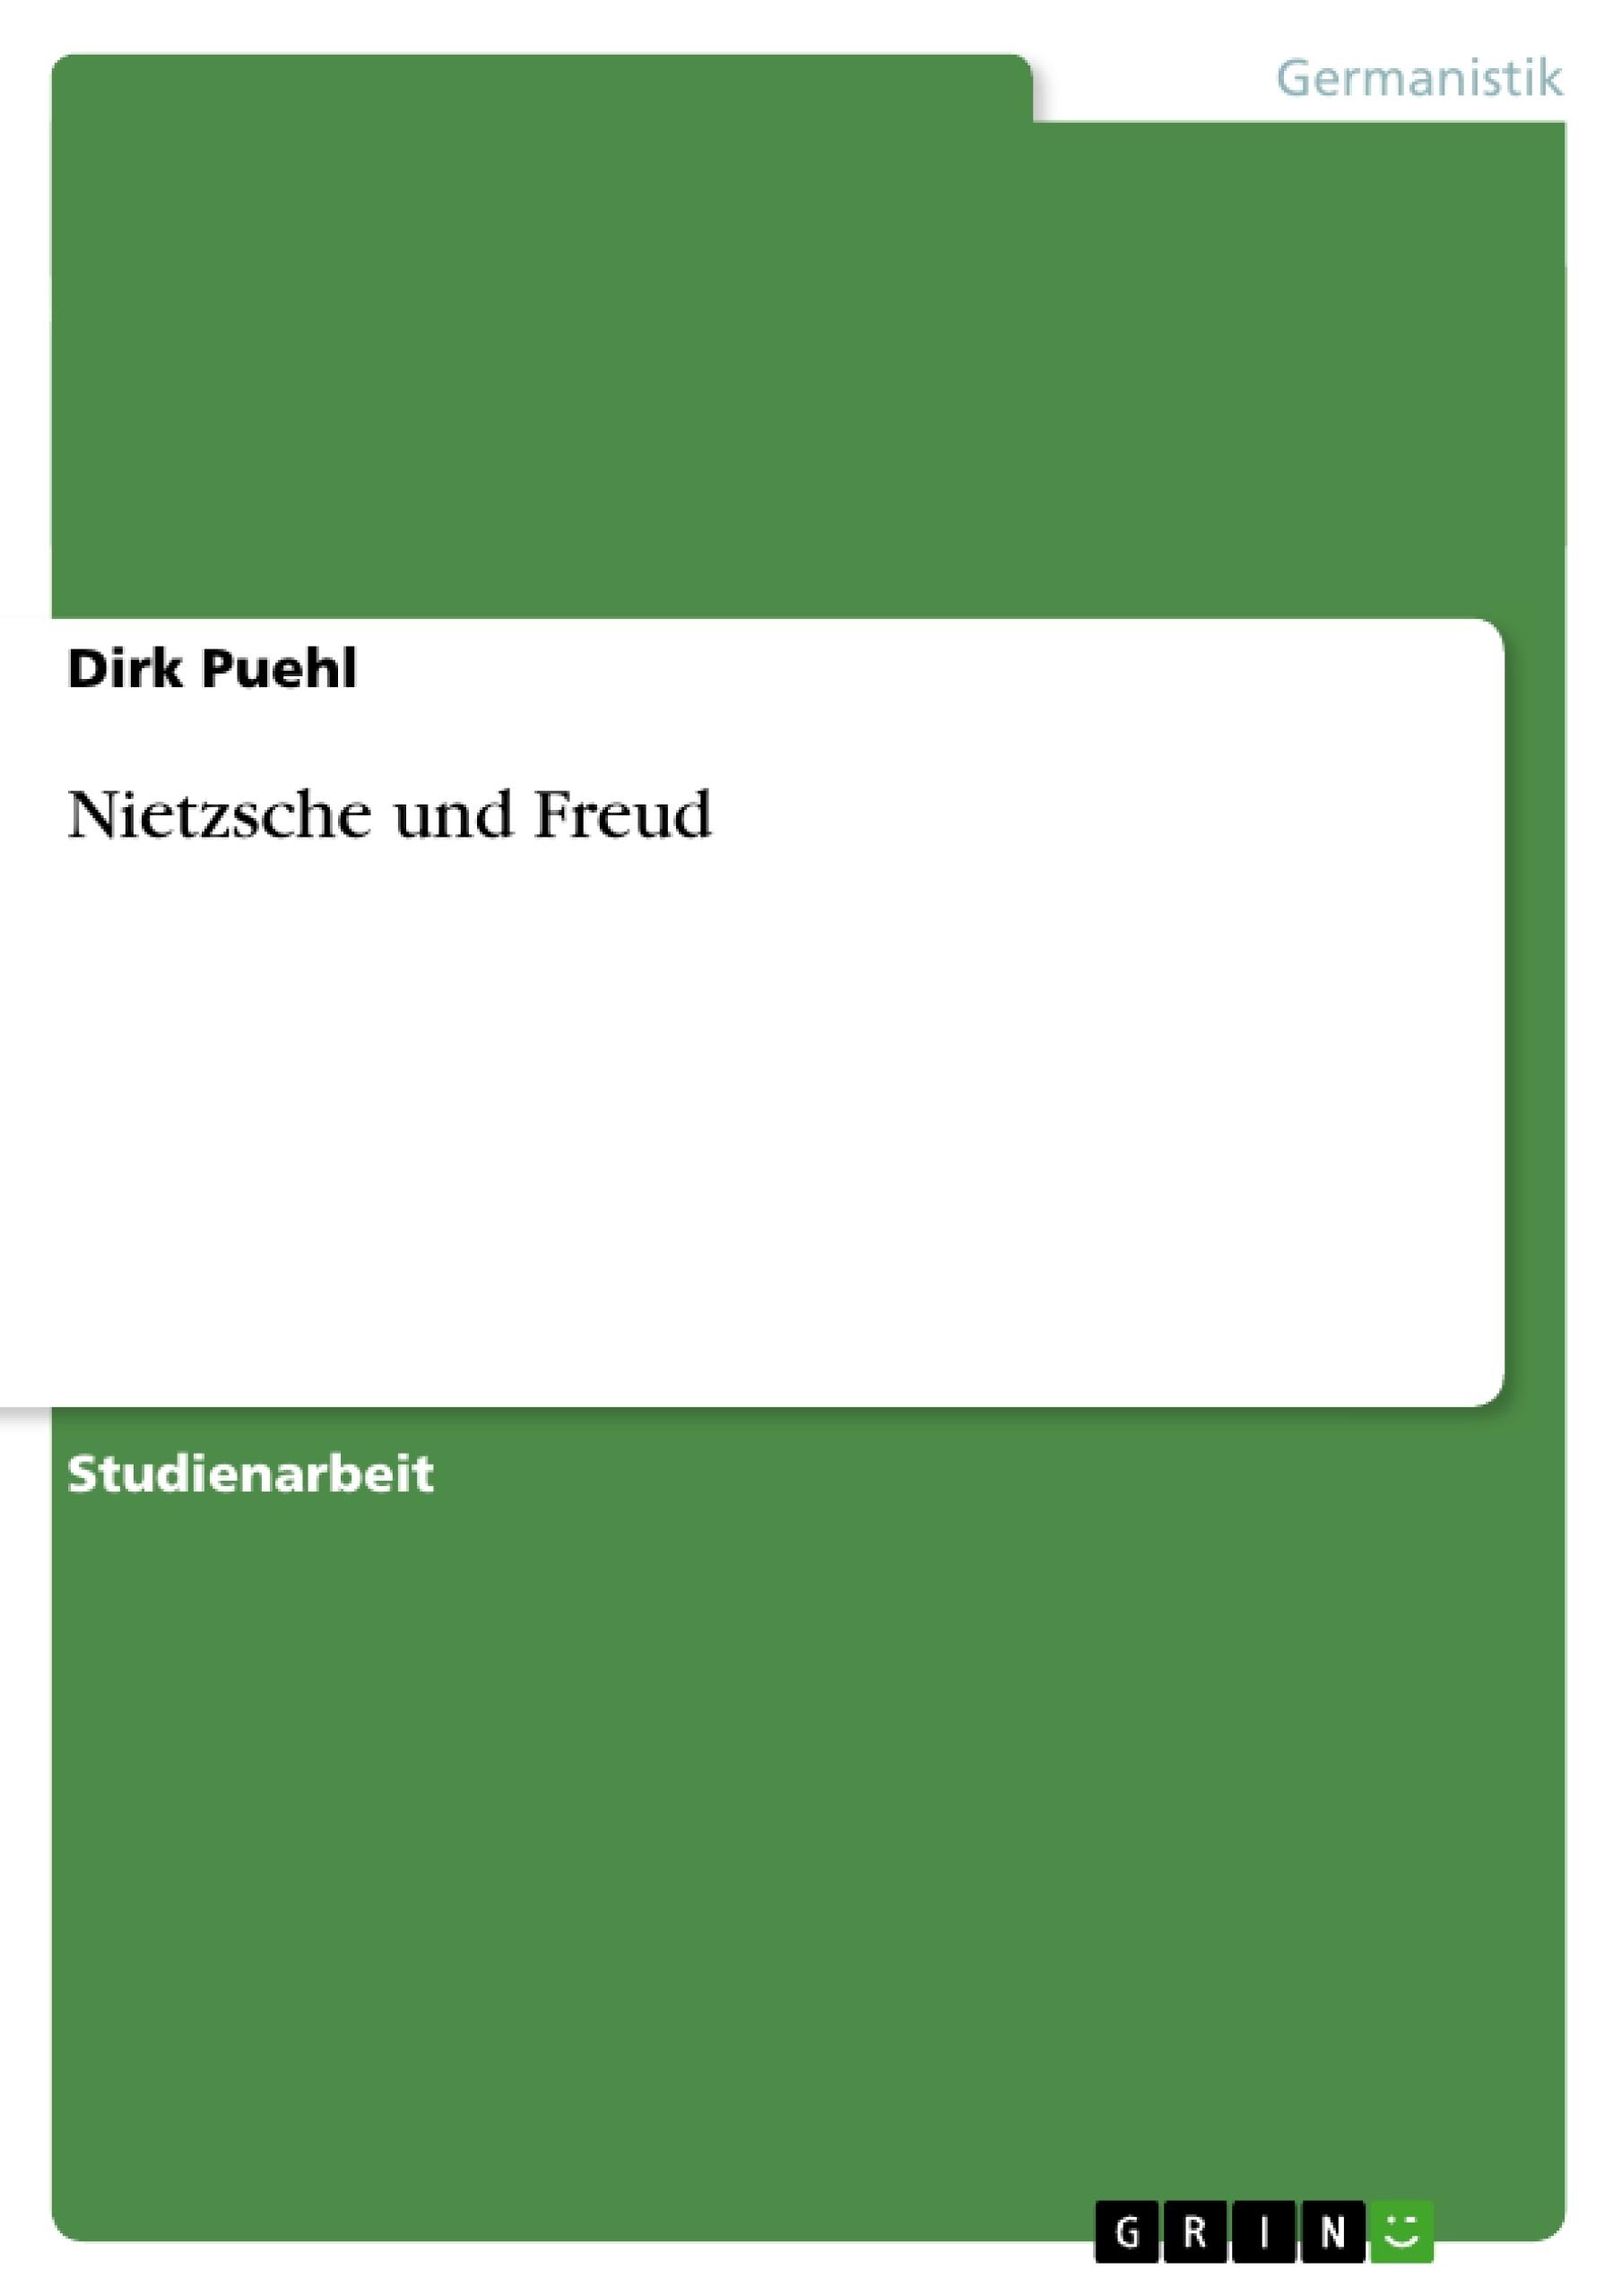 Titel: Nietzsche und Freud